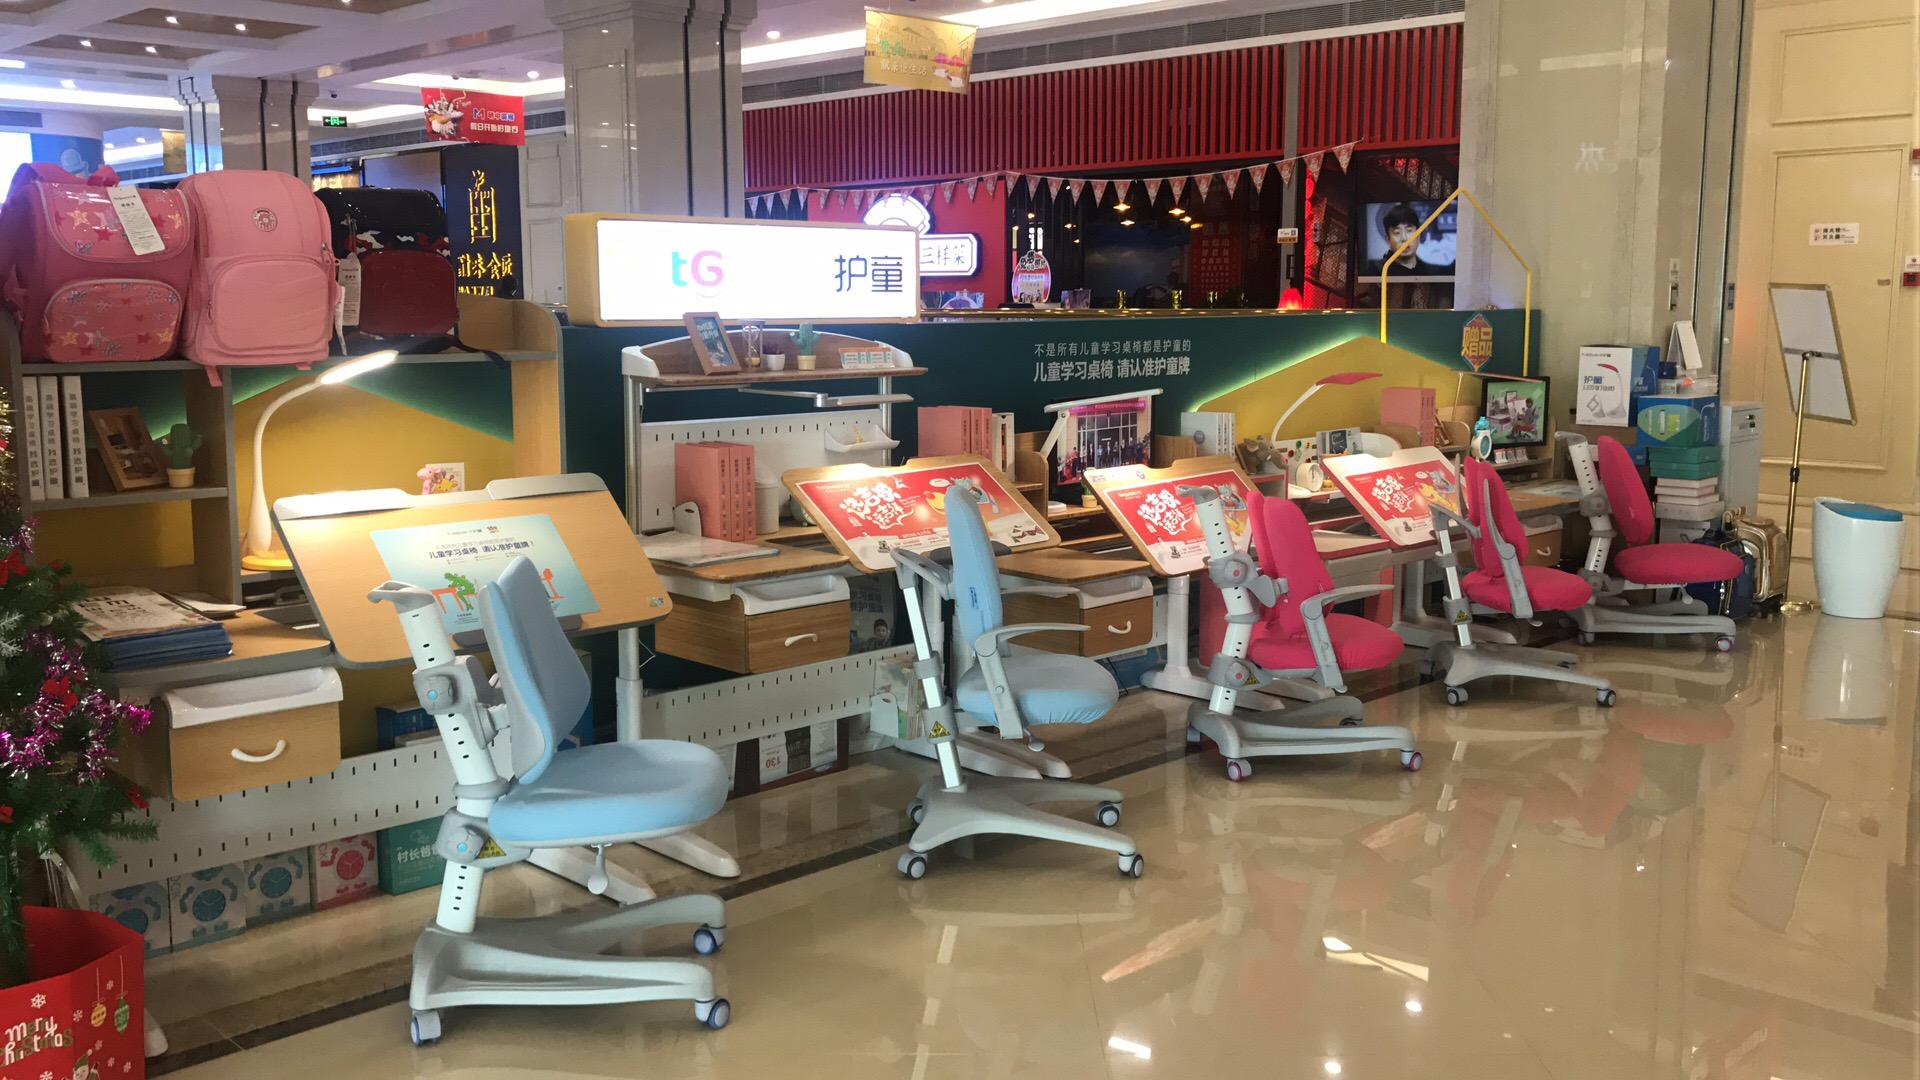 热烈祝贺护童第1580家上海松江明中广场护童专柜盛大开业!